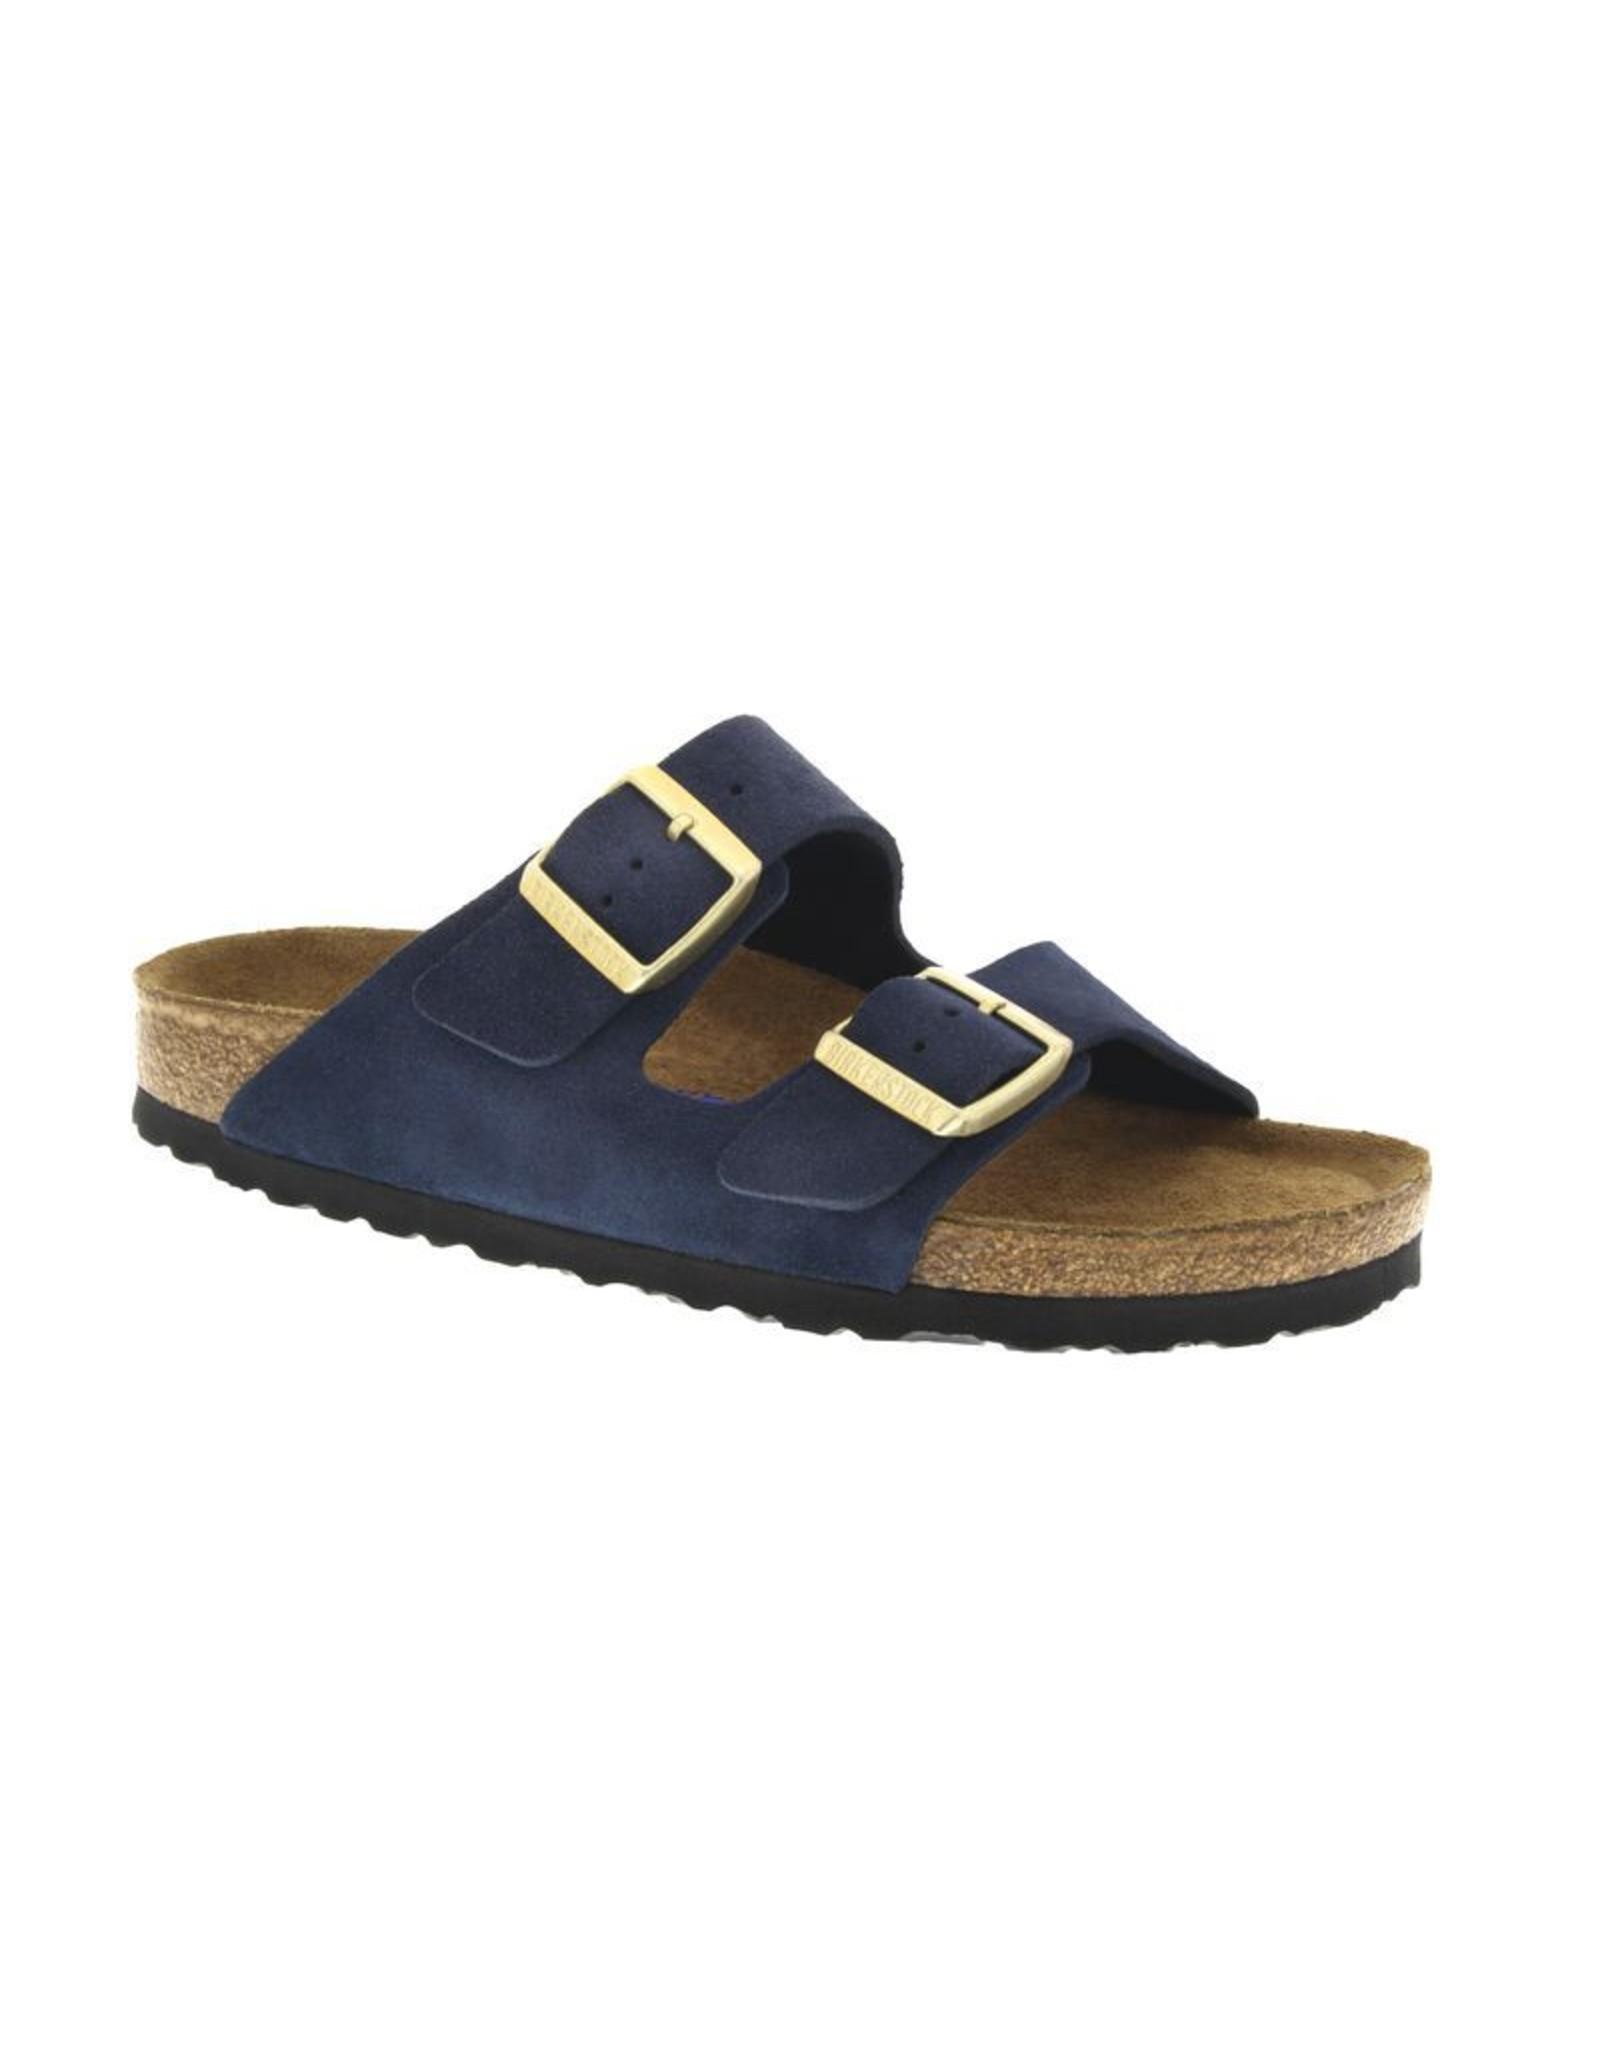 Birkenstock Arizona Soft Footbed Navy Suede Sandal